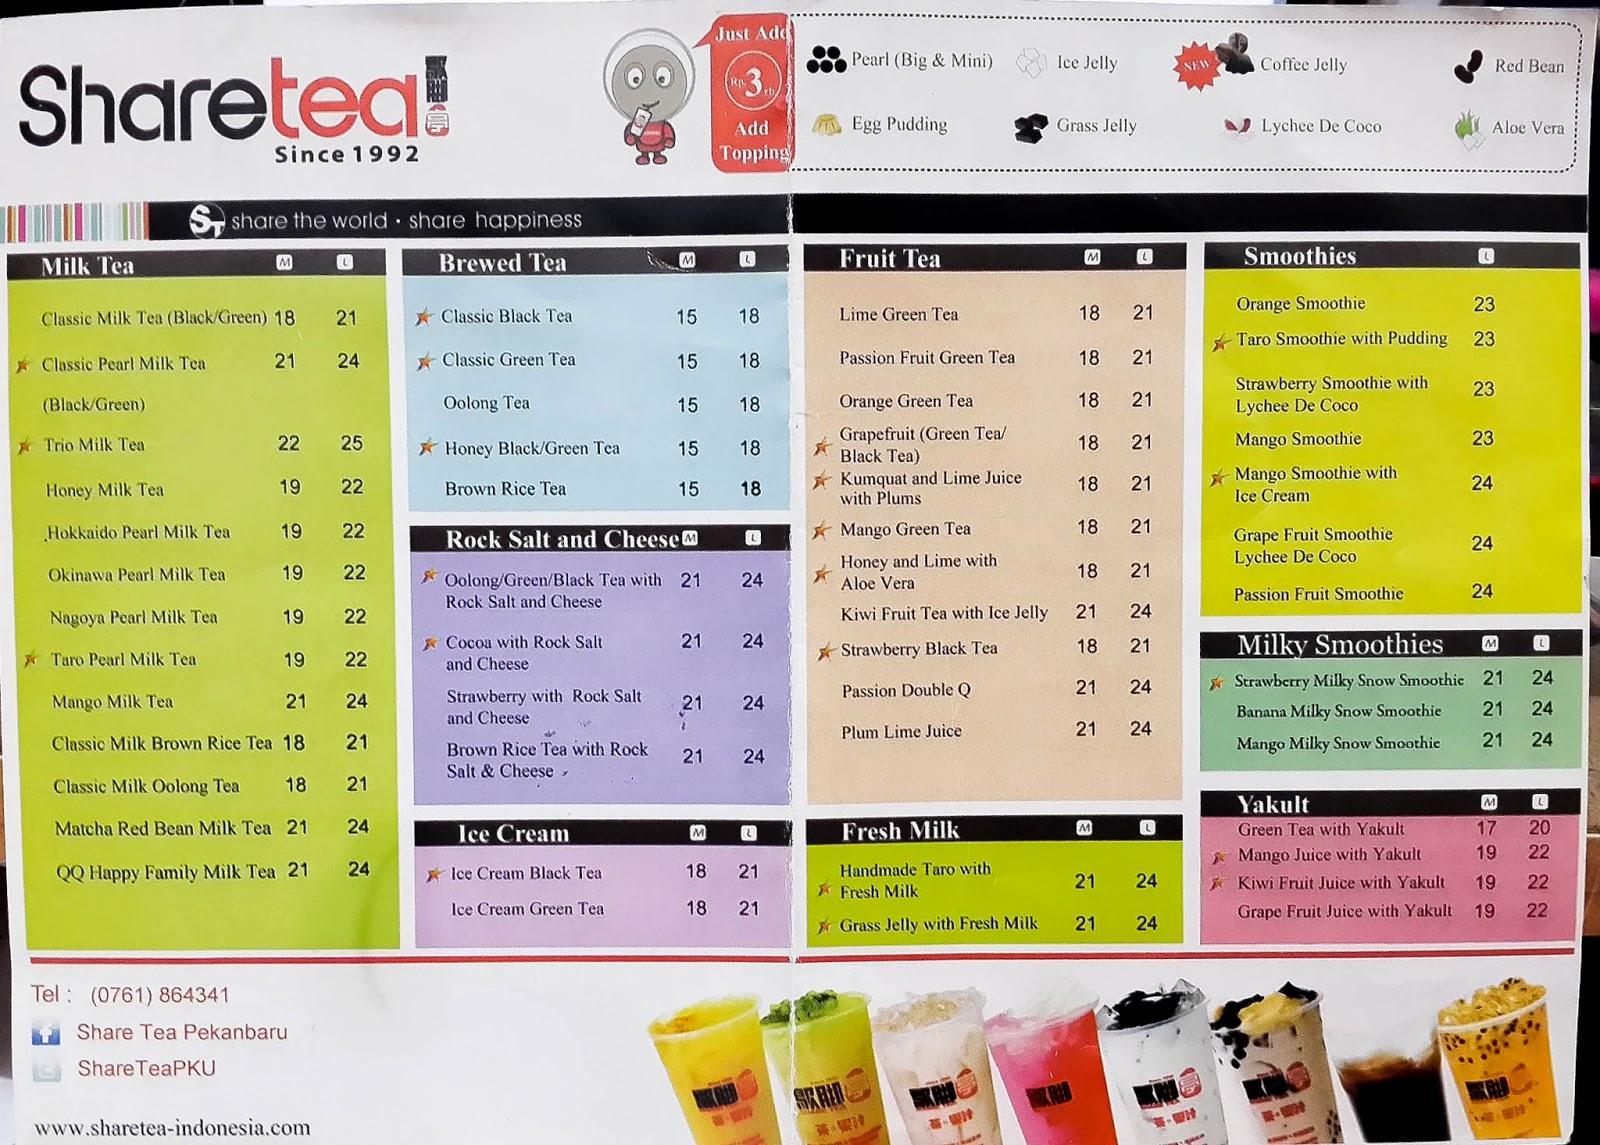 asiknya berbagi pku - @tempatmakanpekanbaru: [bagian 1] share tea